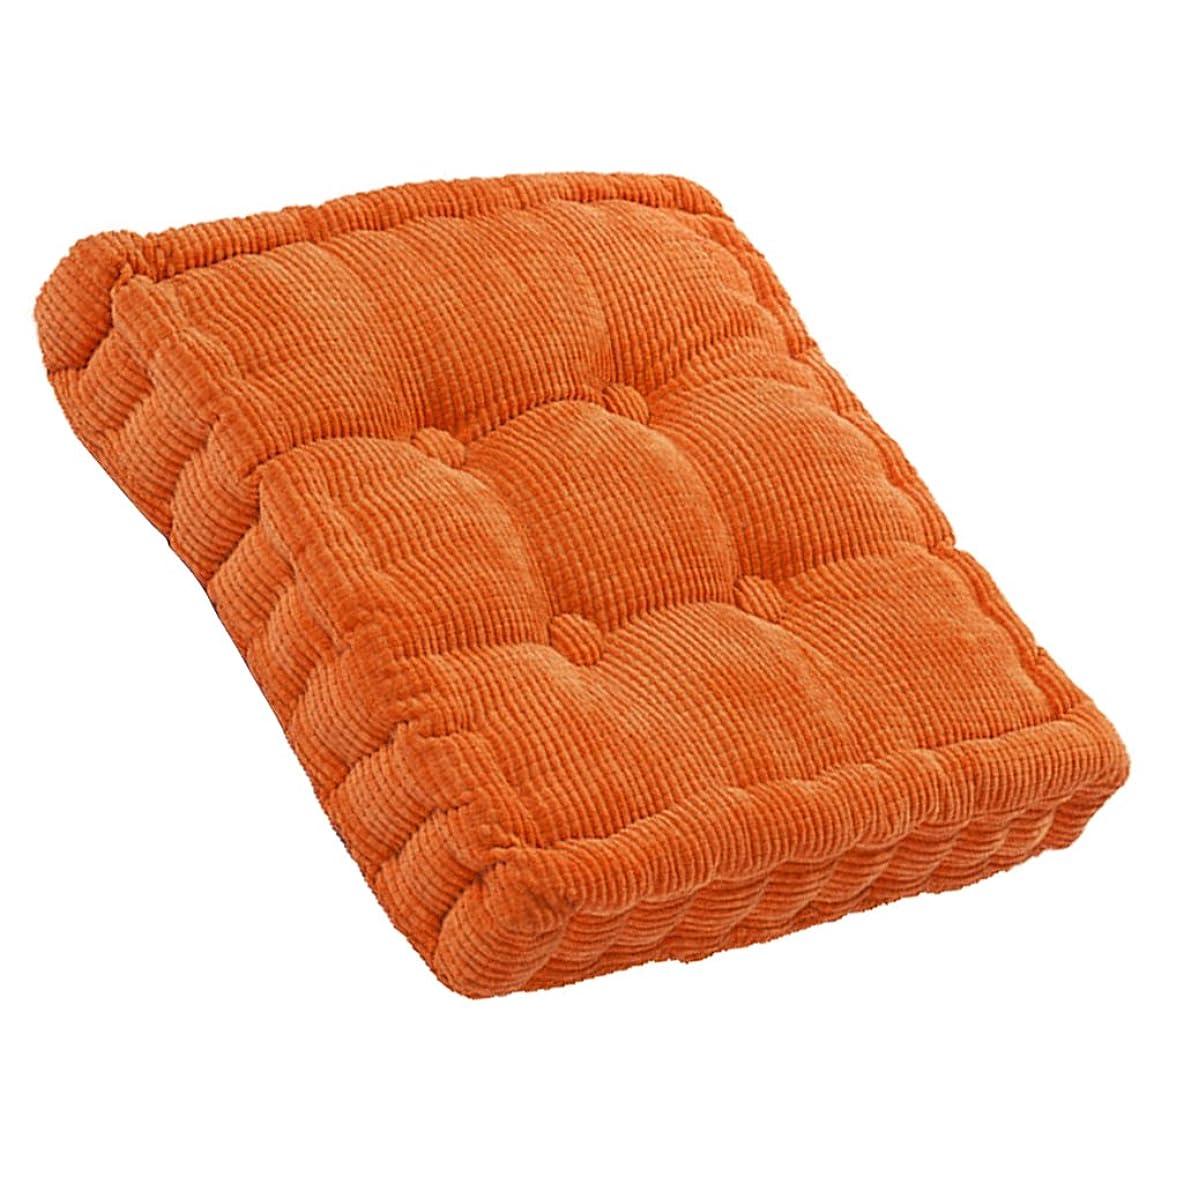 彼自身メタン研磨剤柔らかい 座布団 ソファ オフィス 正方形 椅子 居心地良い クッション パッド 全8色 - オレンジ